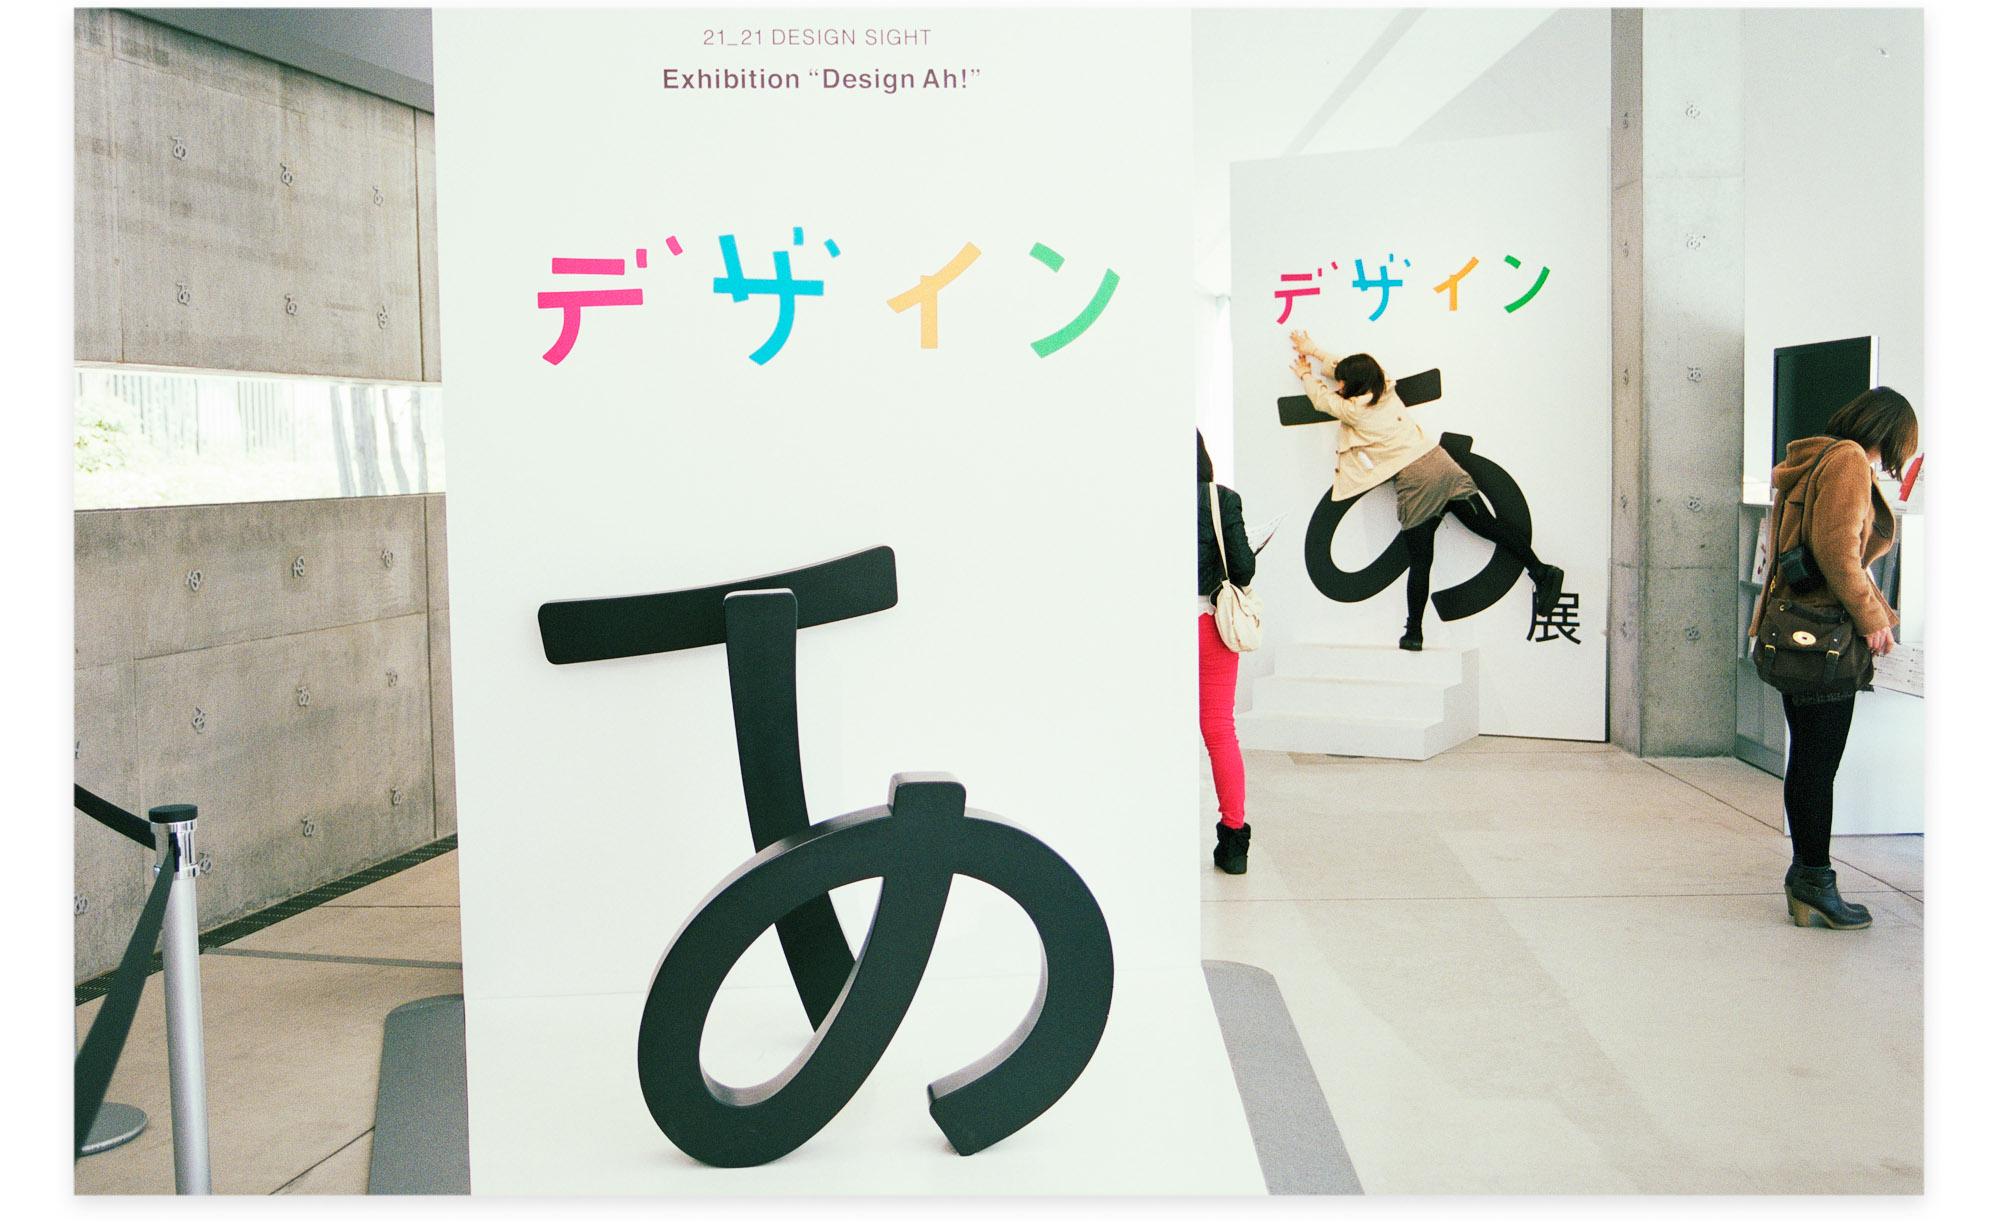 20130602_デザインあ展